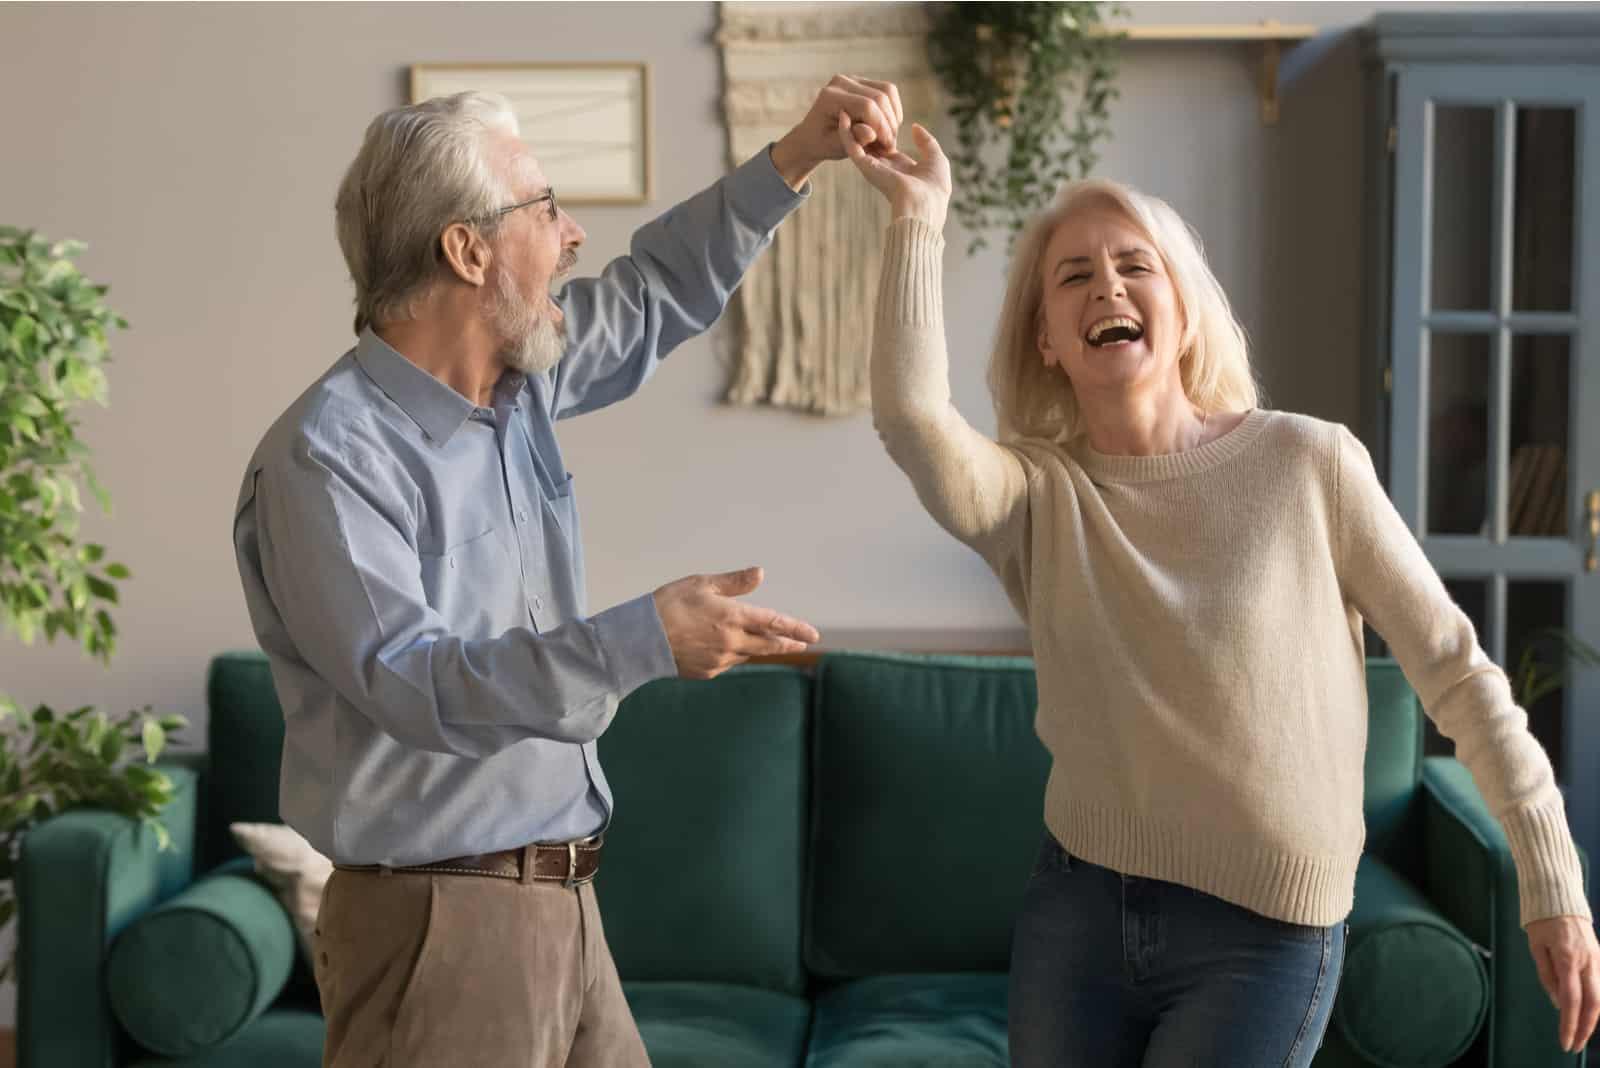 ein älteres Ehepaar tanzt im Wohnzimmer